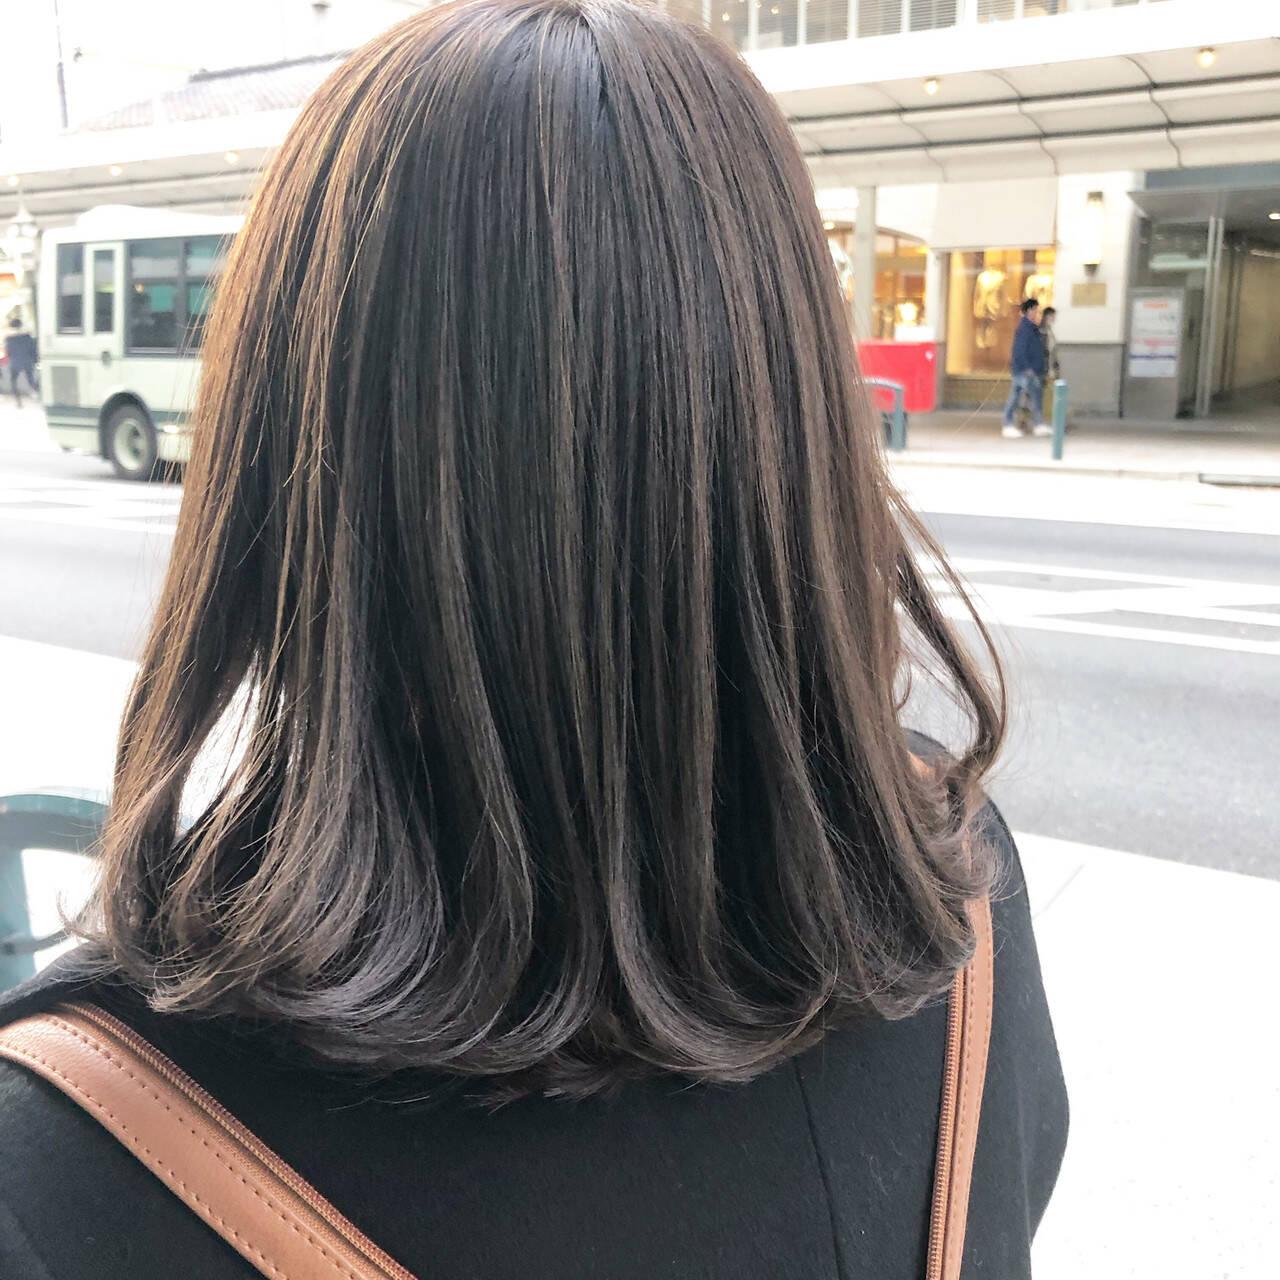 ナチュラル ミディアム スモーキーカラー イルミナカラーヘアスタイルや髪型の写真・画像